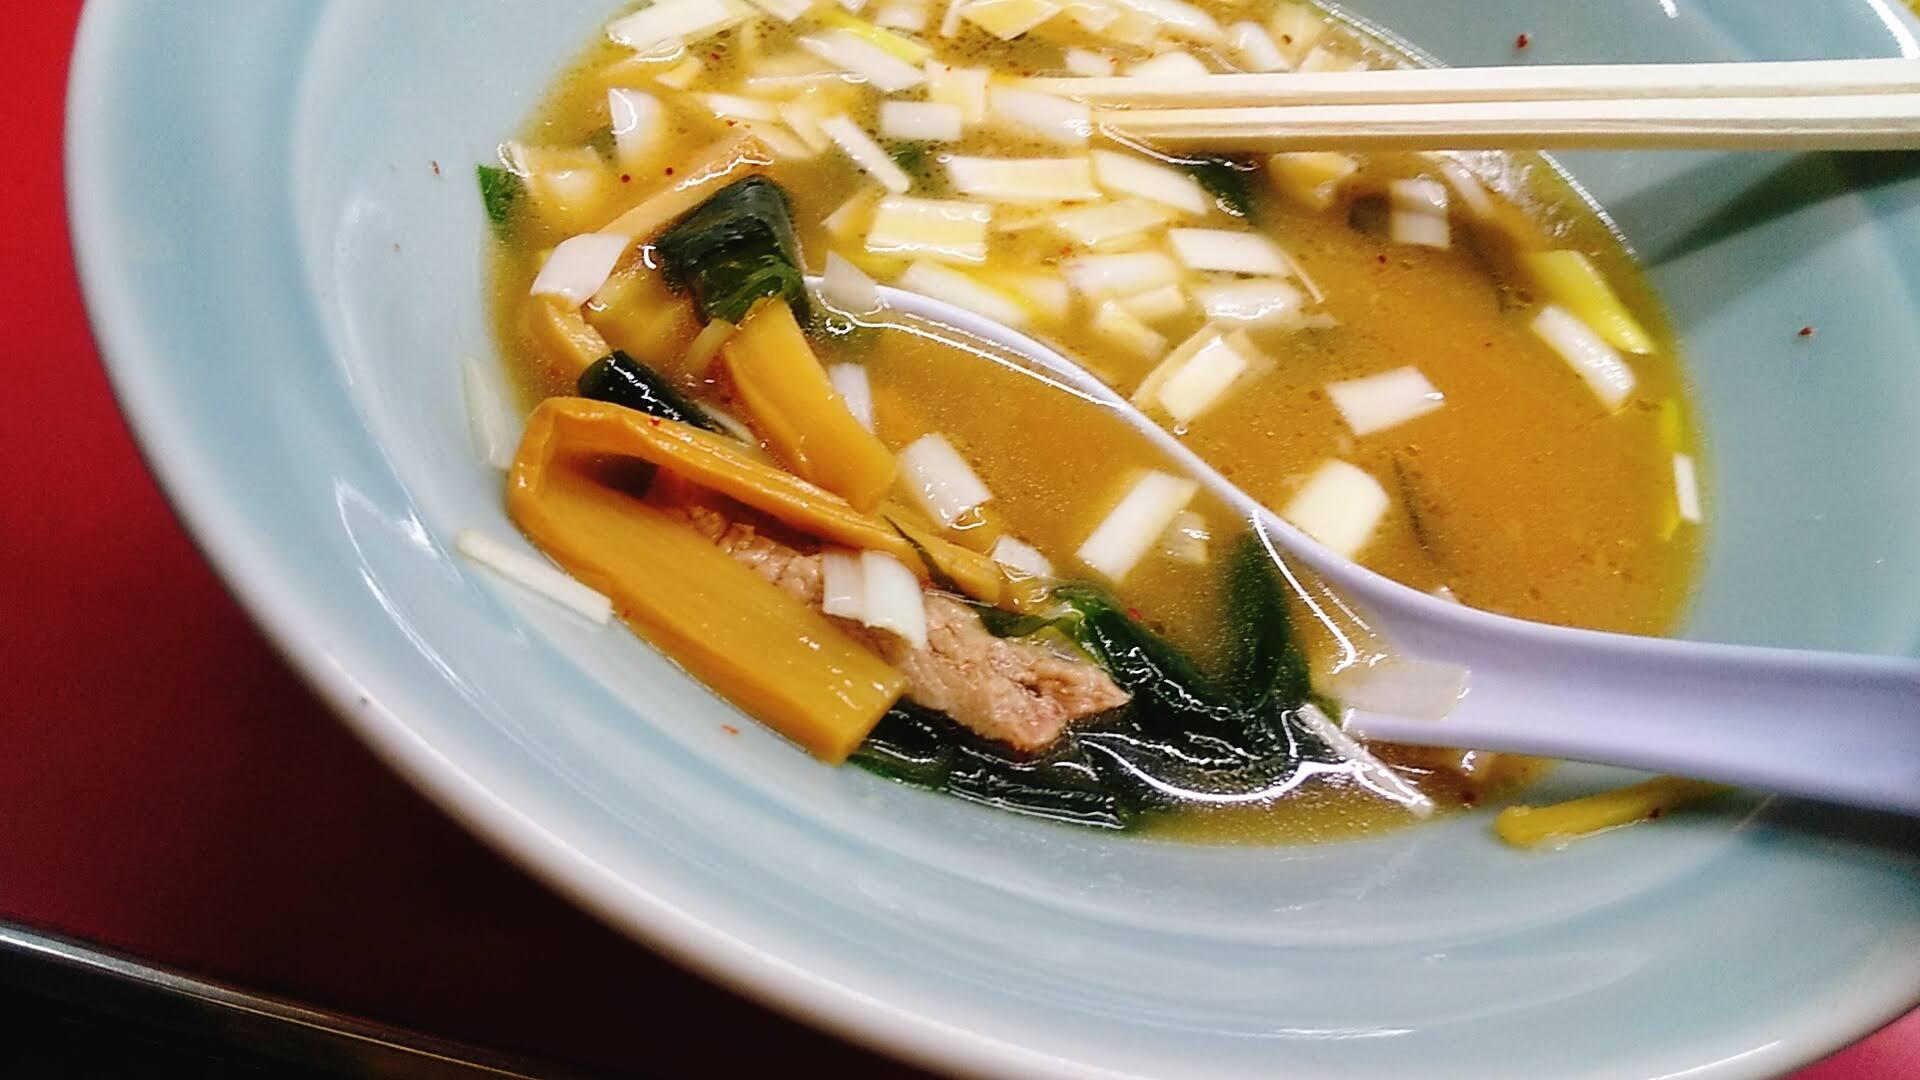 ラーメンショップひだかのつけ麺の具材の写真